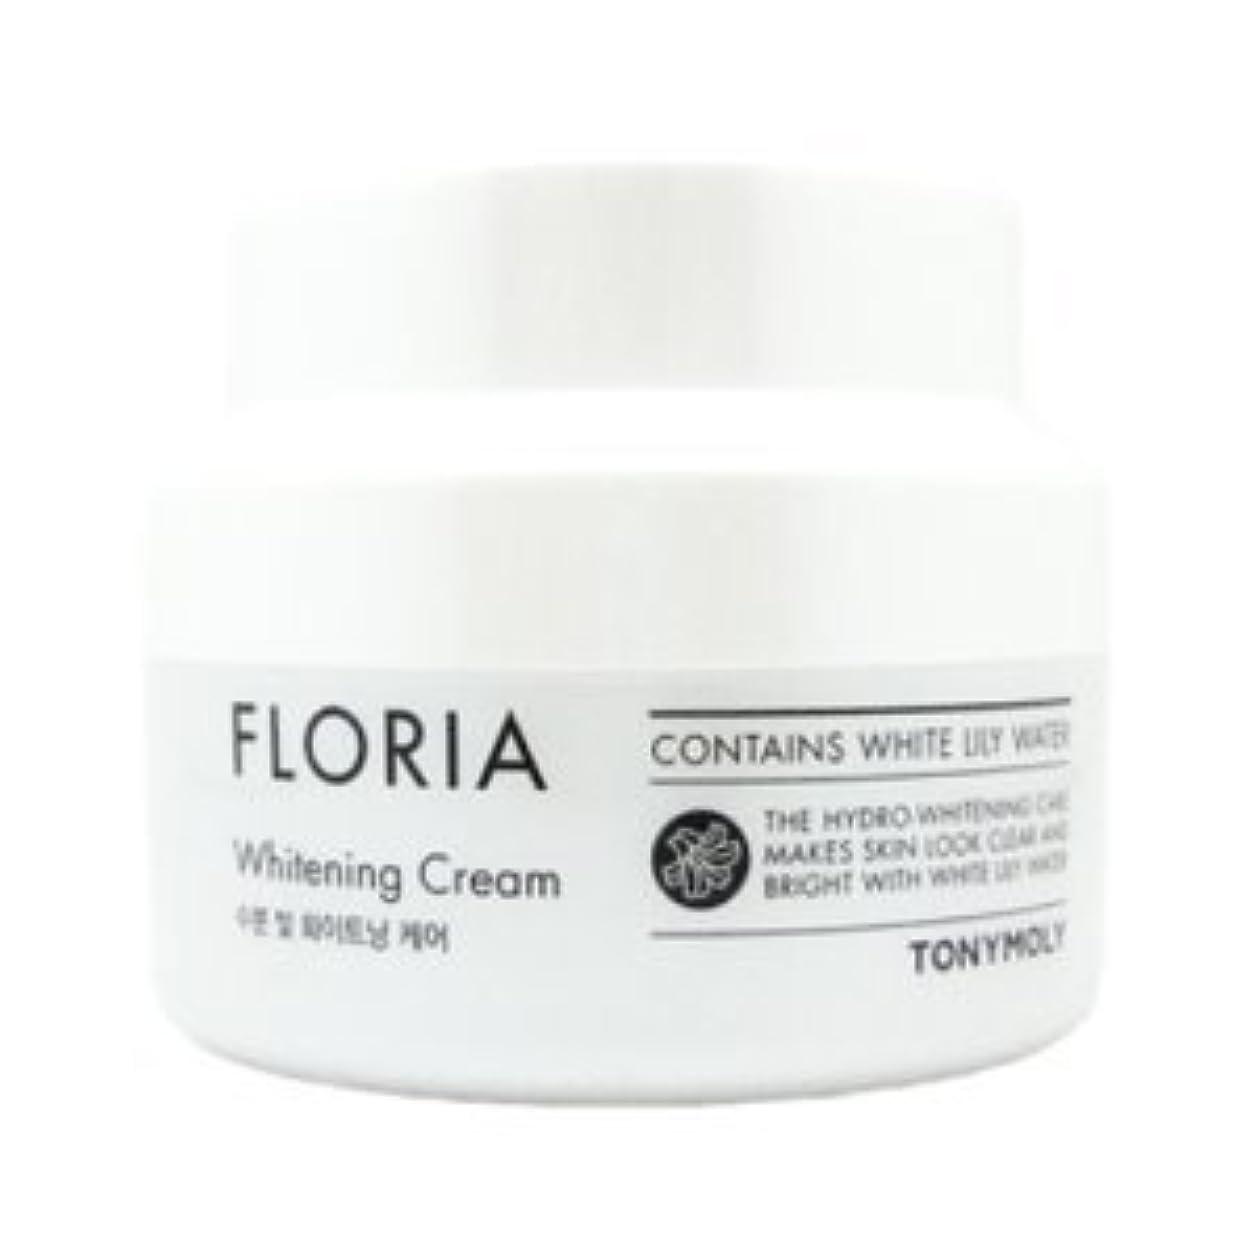 ブースト吹きさらしクリックTONYMOLY Floria Whitening Cream 60ml/トニーモリー フロリア ホワイトニング クリーム 60ml [並行輸入品]